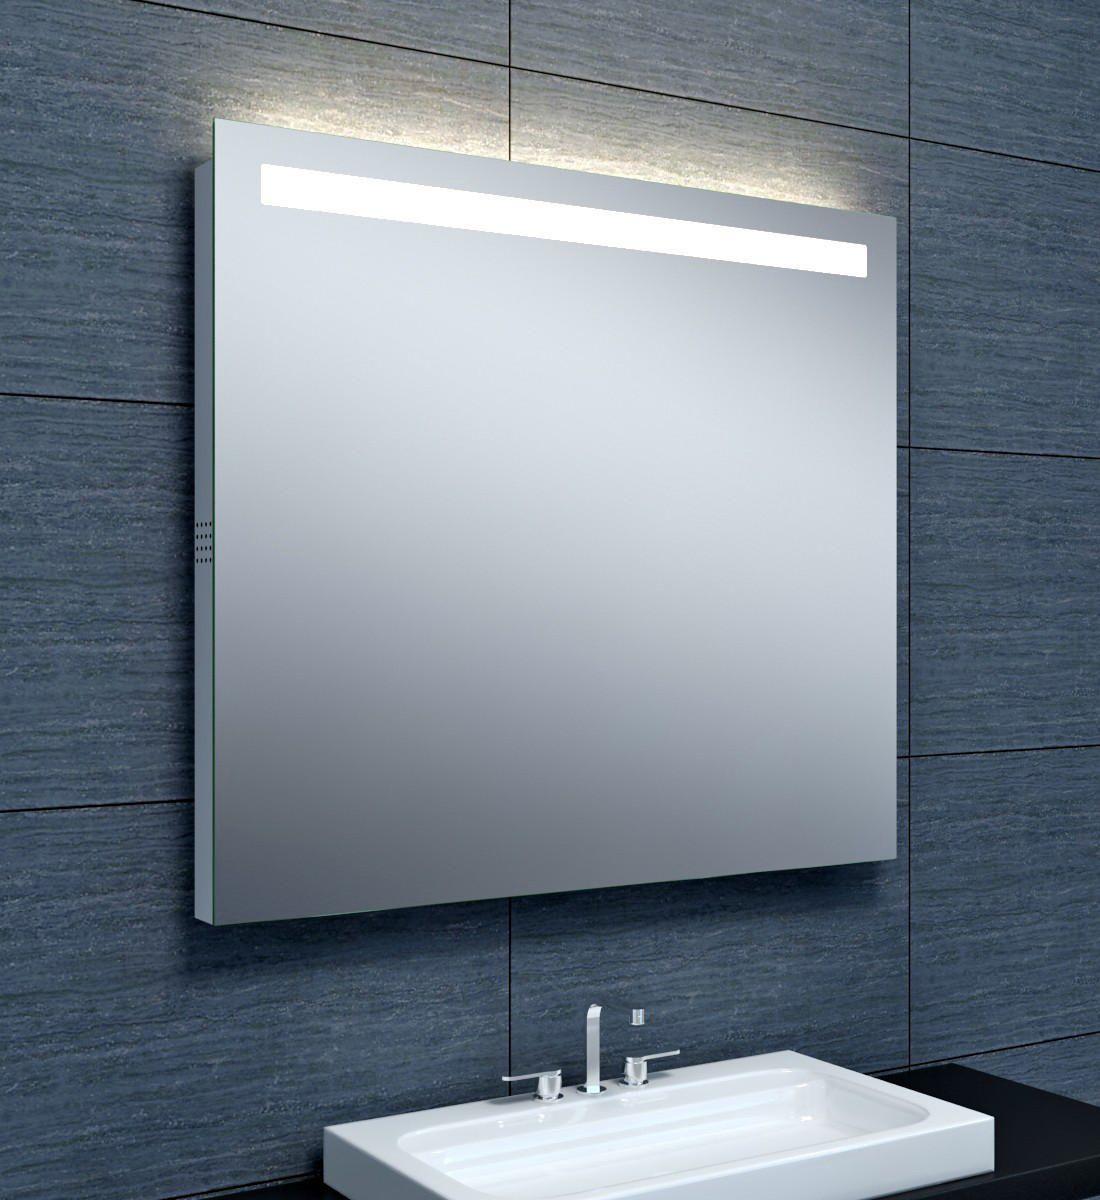 Miroir Musik Eclairage Led Bluetooth 90 X Hauteur 80 Cm Alterna Sanitaire Brossette Eclairage Led Miroir Meuble Metallique